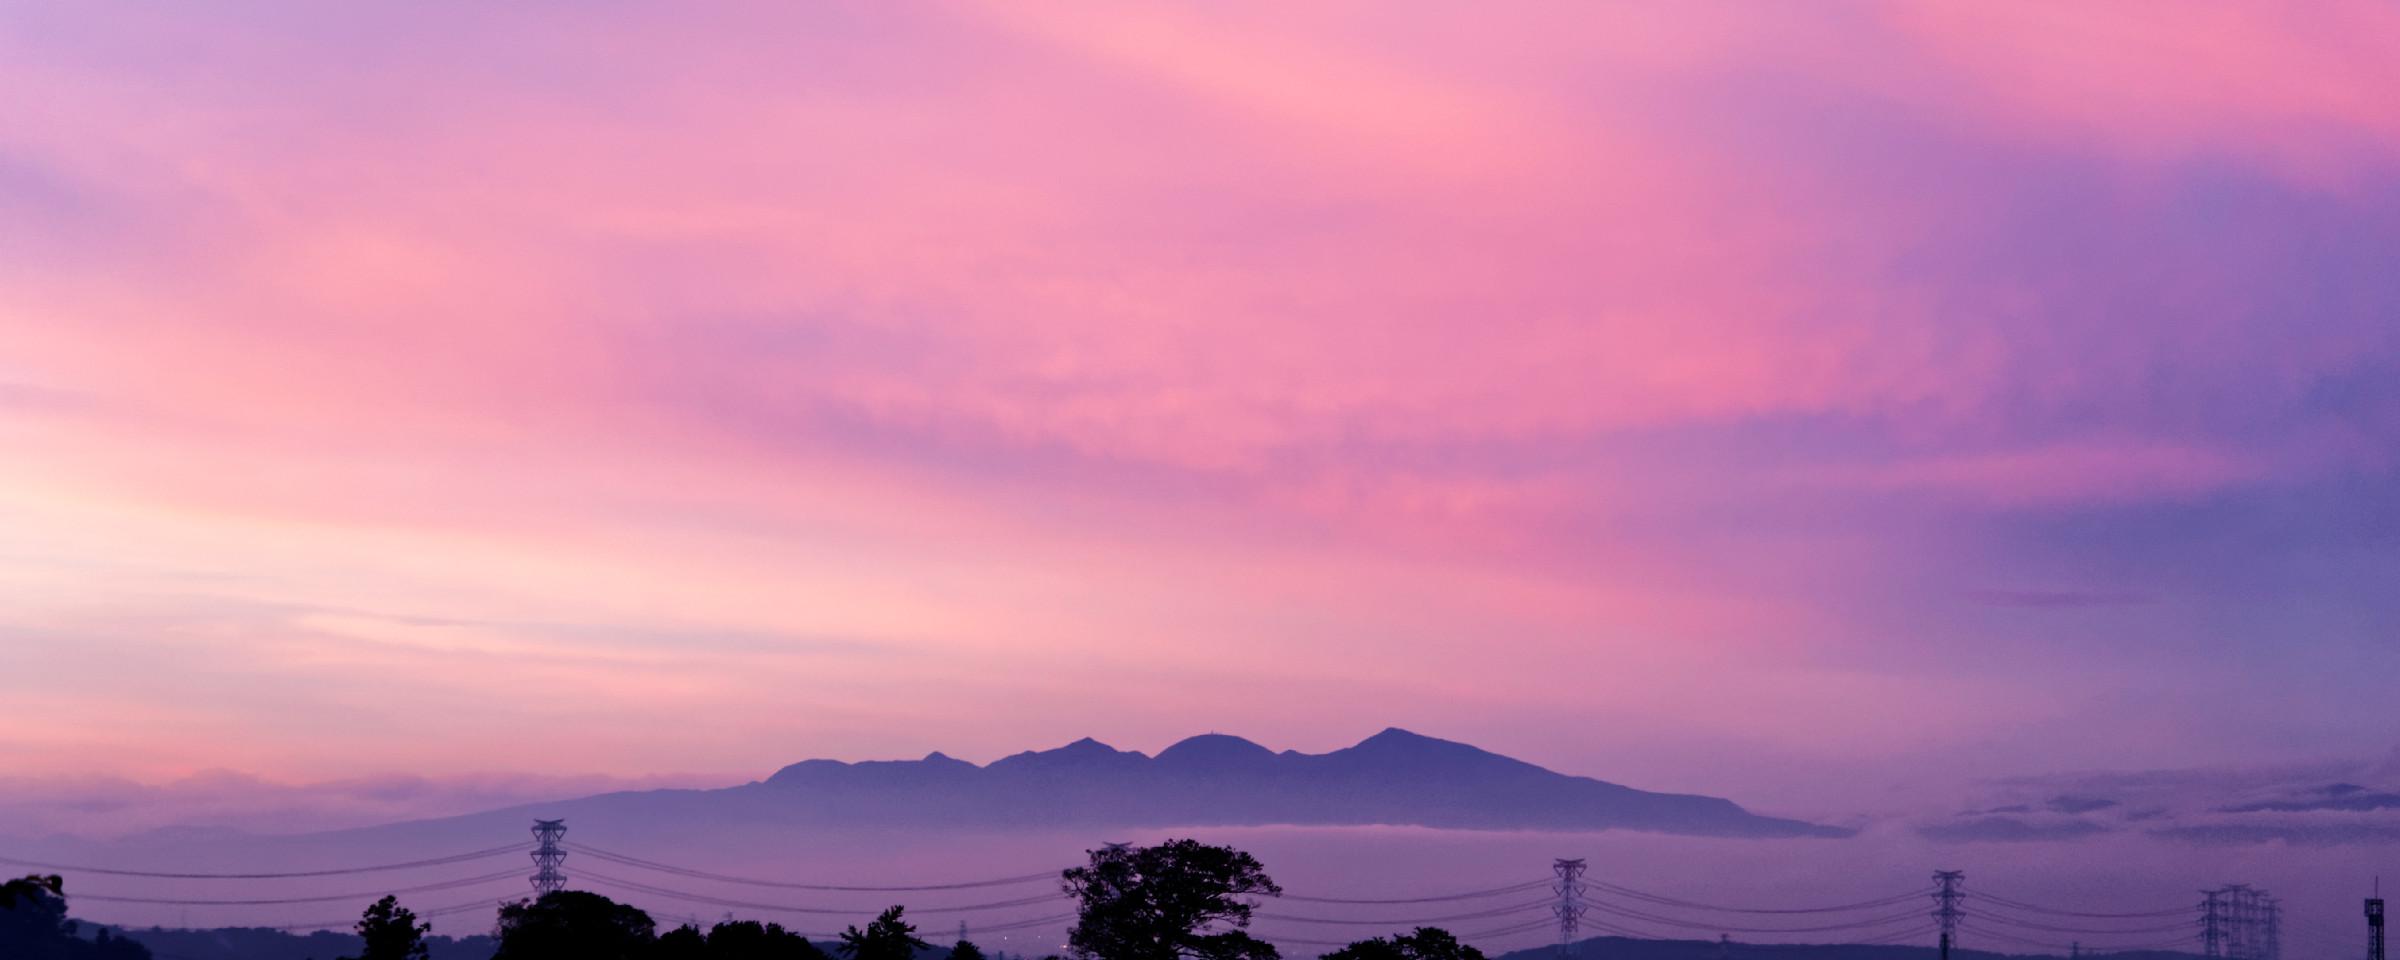 雲海と夕焼けに包まれた幻想的な赤城山